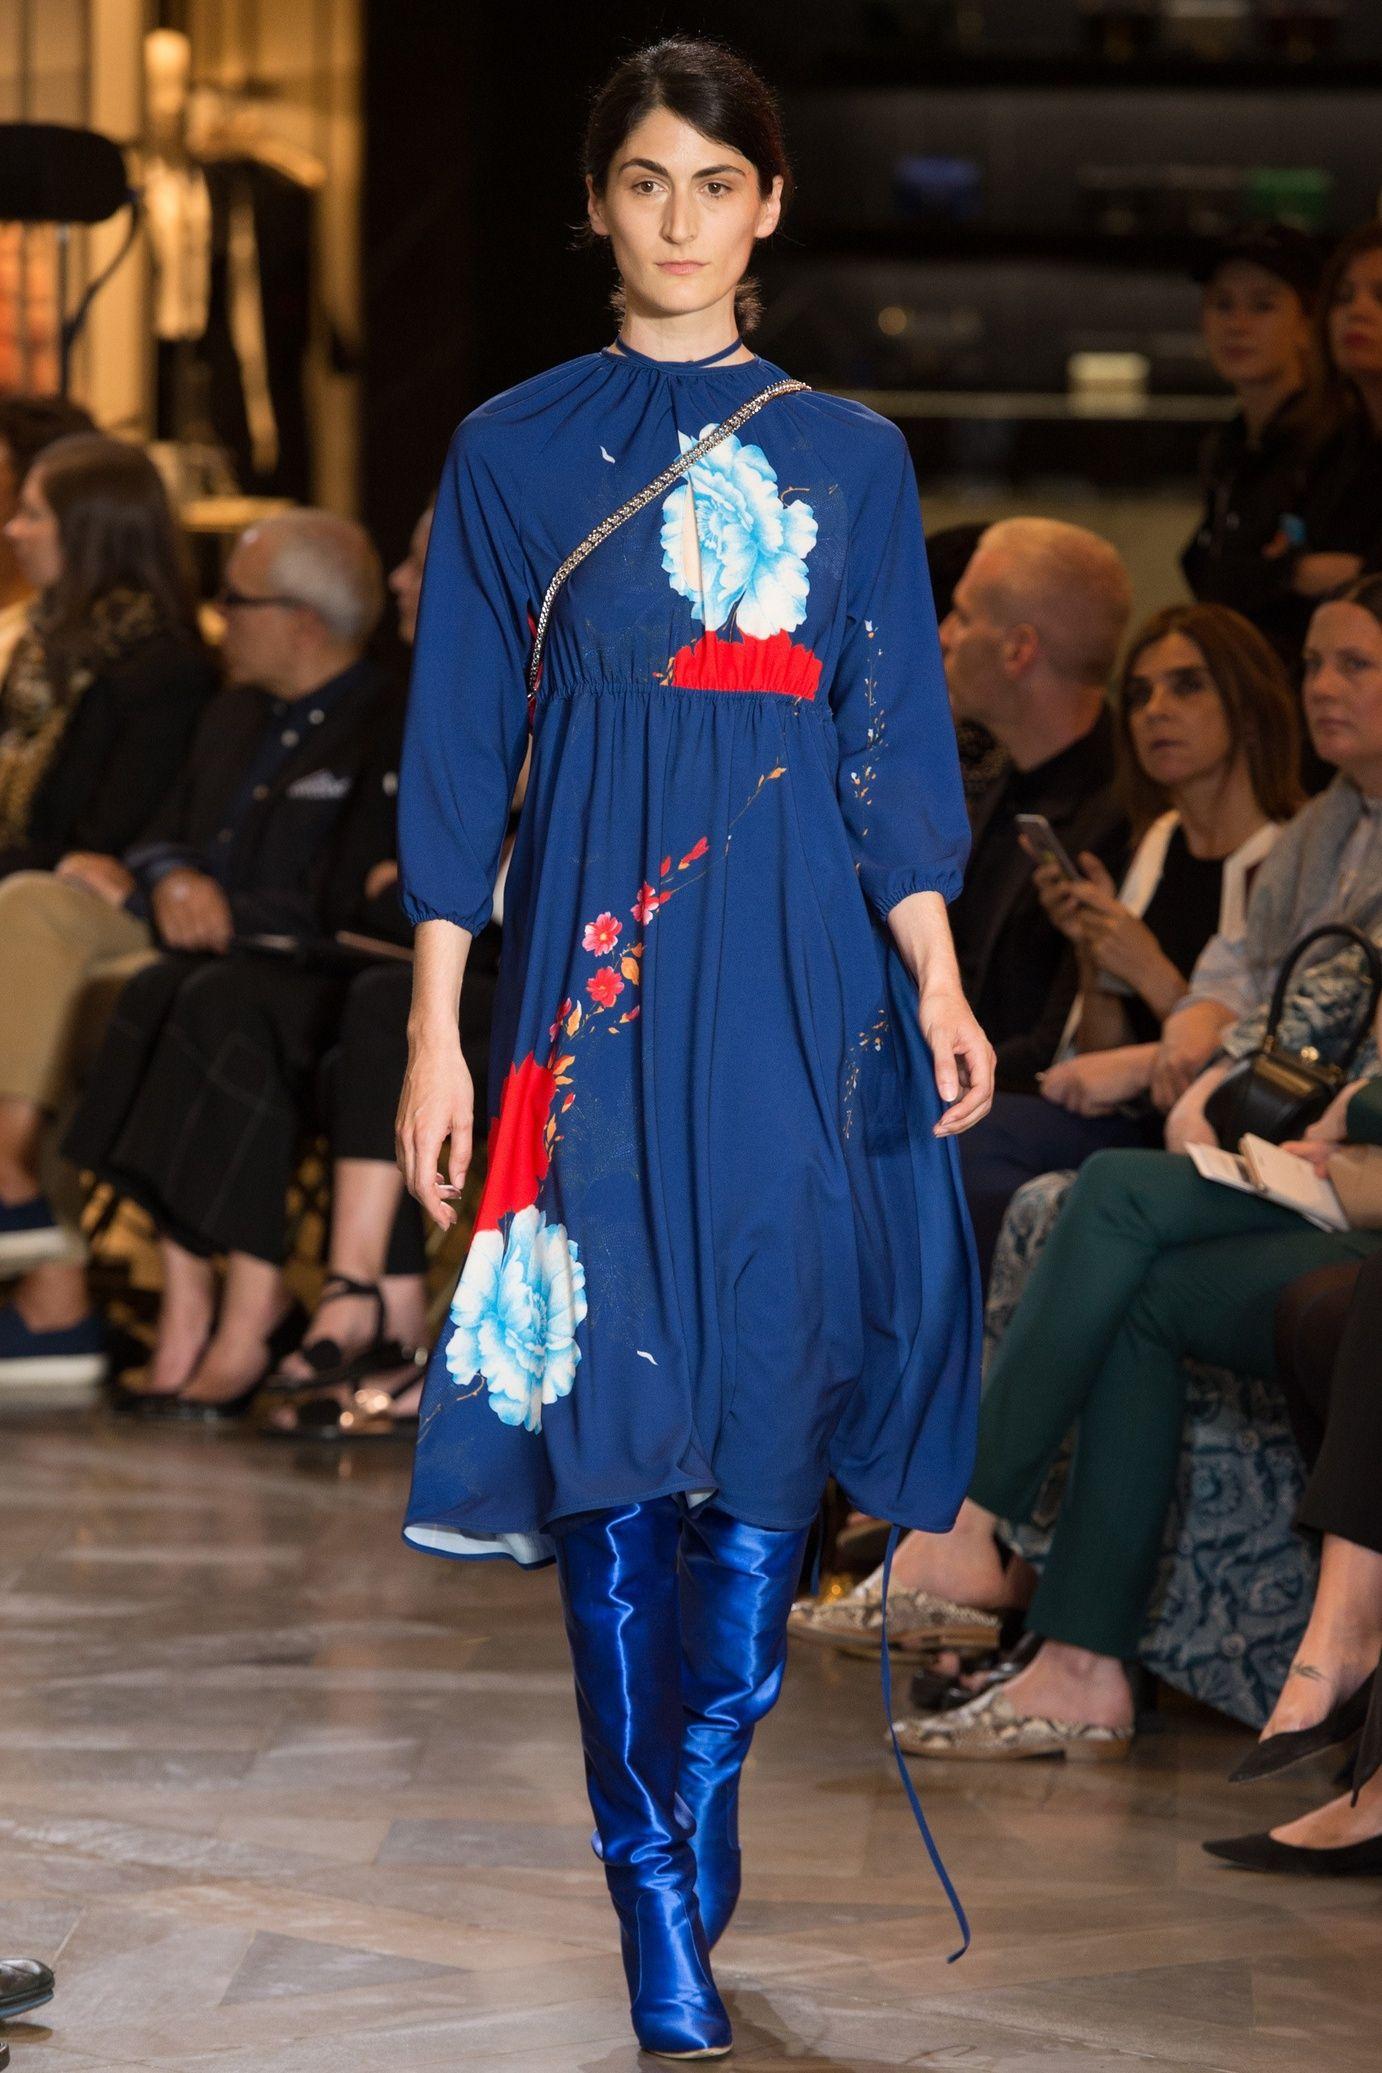 Défilé Vetements Haute Couture automne-hiver 2016-2017 35